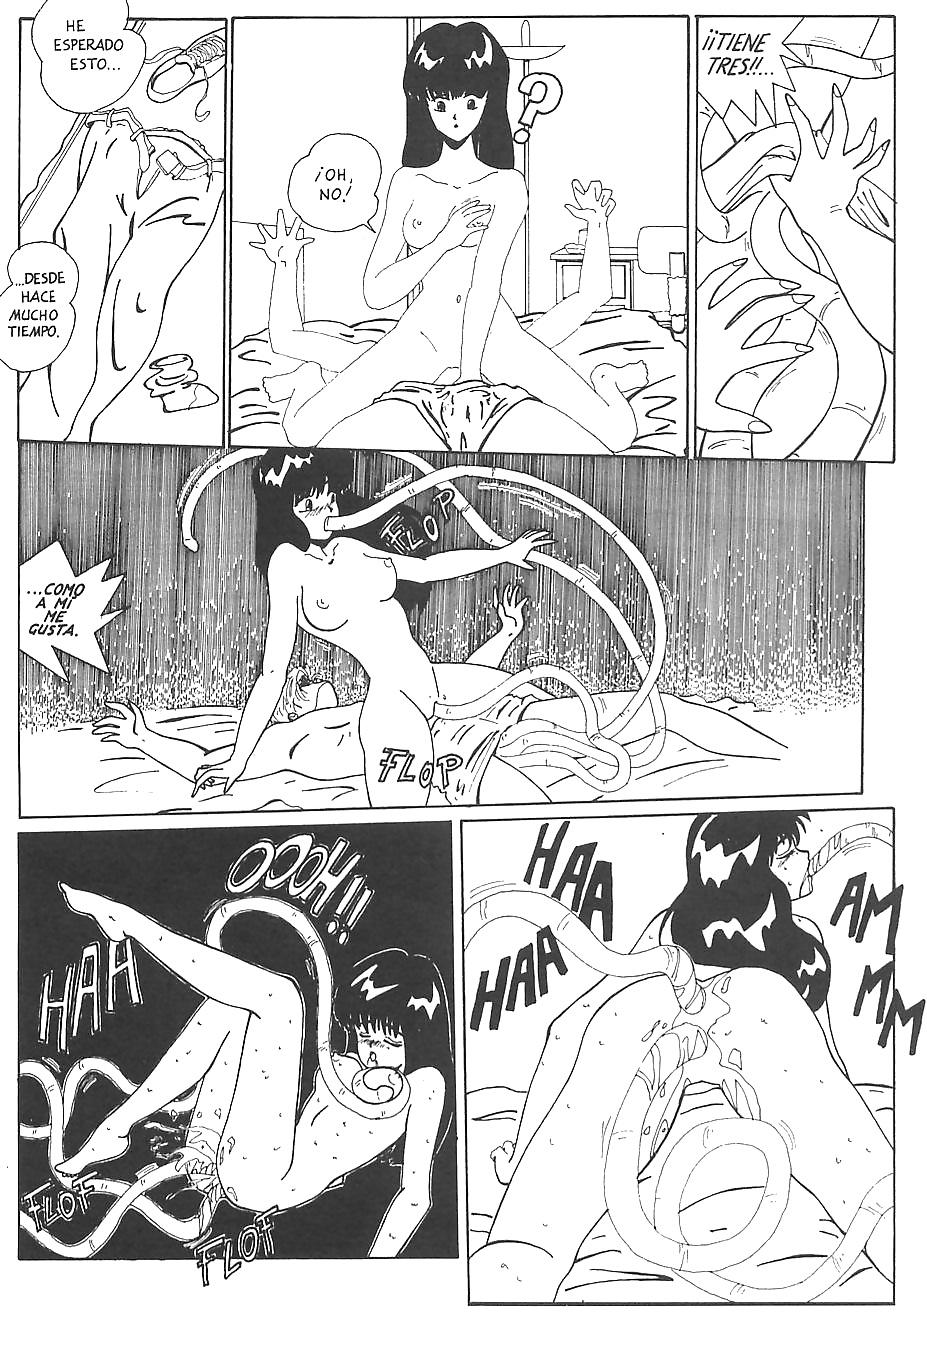 follando en historieta de sexo